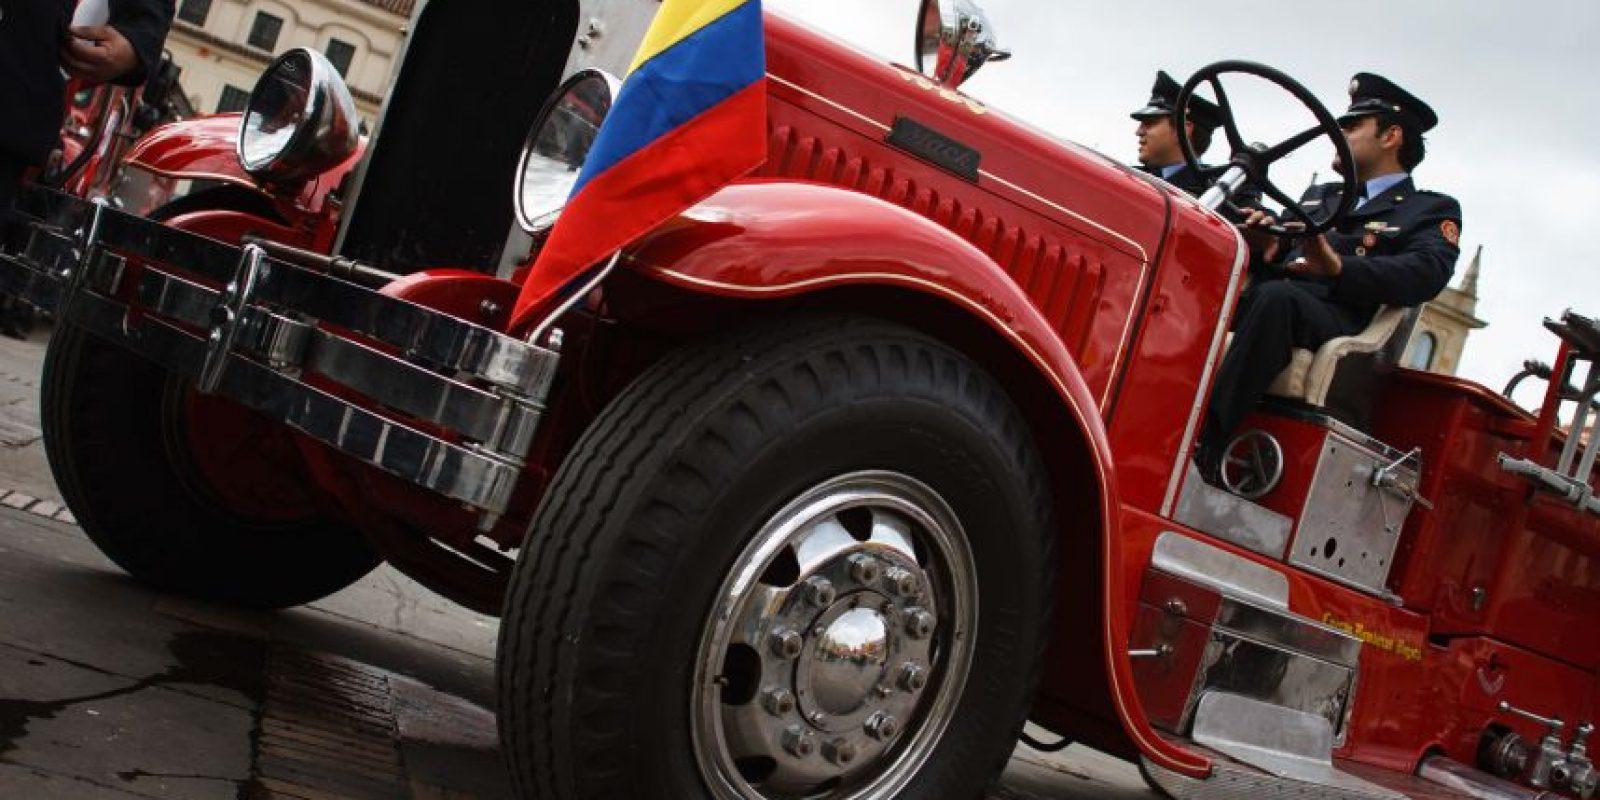 Durante la actual Administración, al Cuerpo Oficial de Bomberos de Bogotá se han vinculado 106 nuevos integrantes. Foto:Juan Pablo Pino / Publimetro